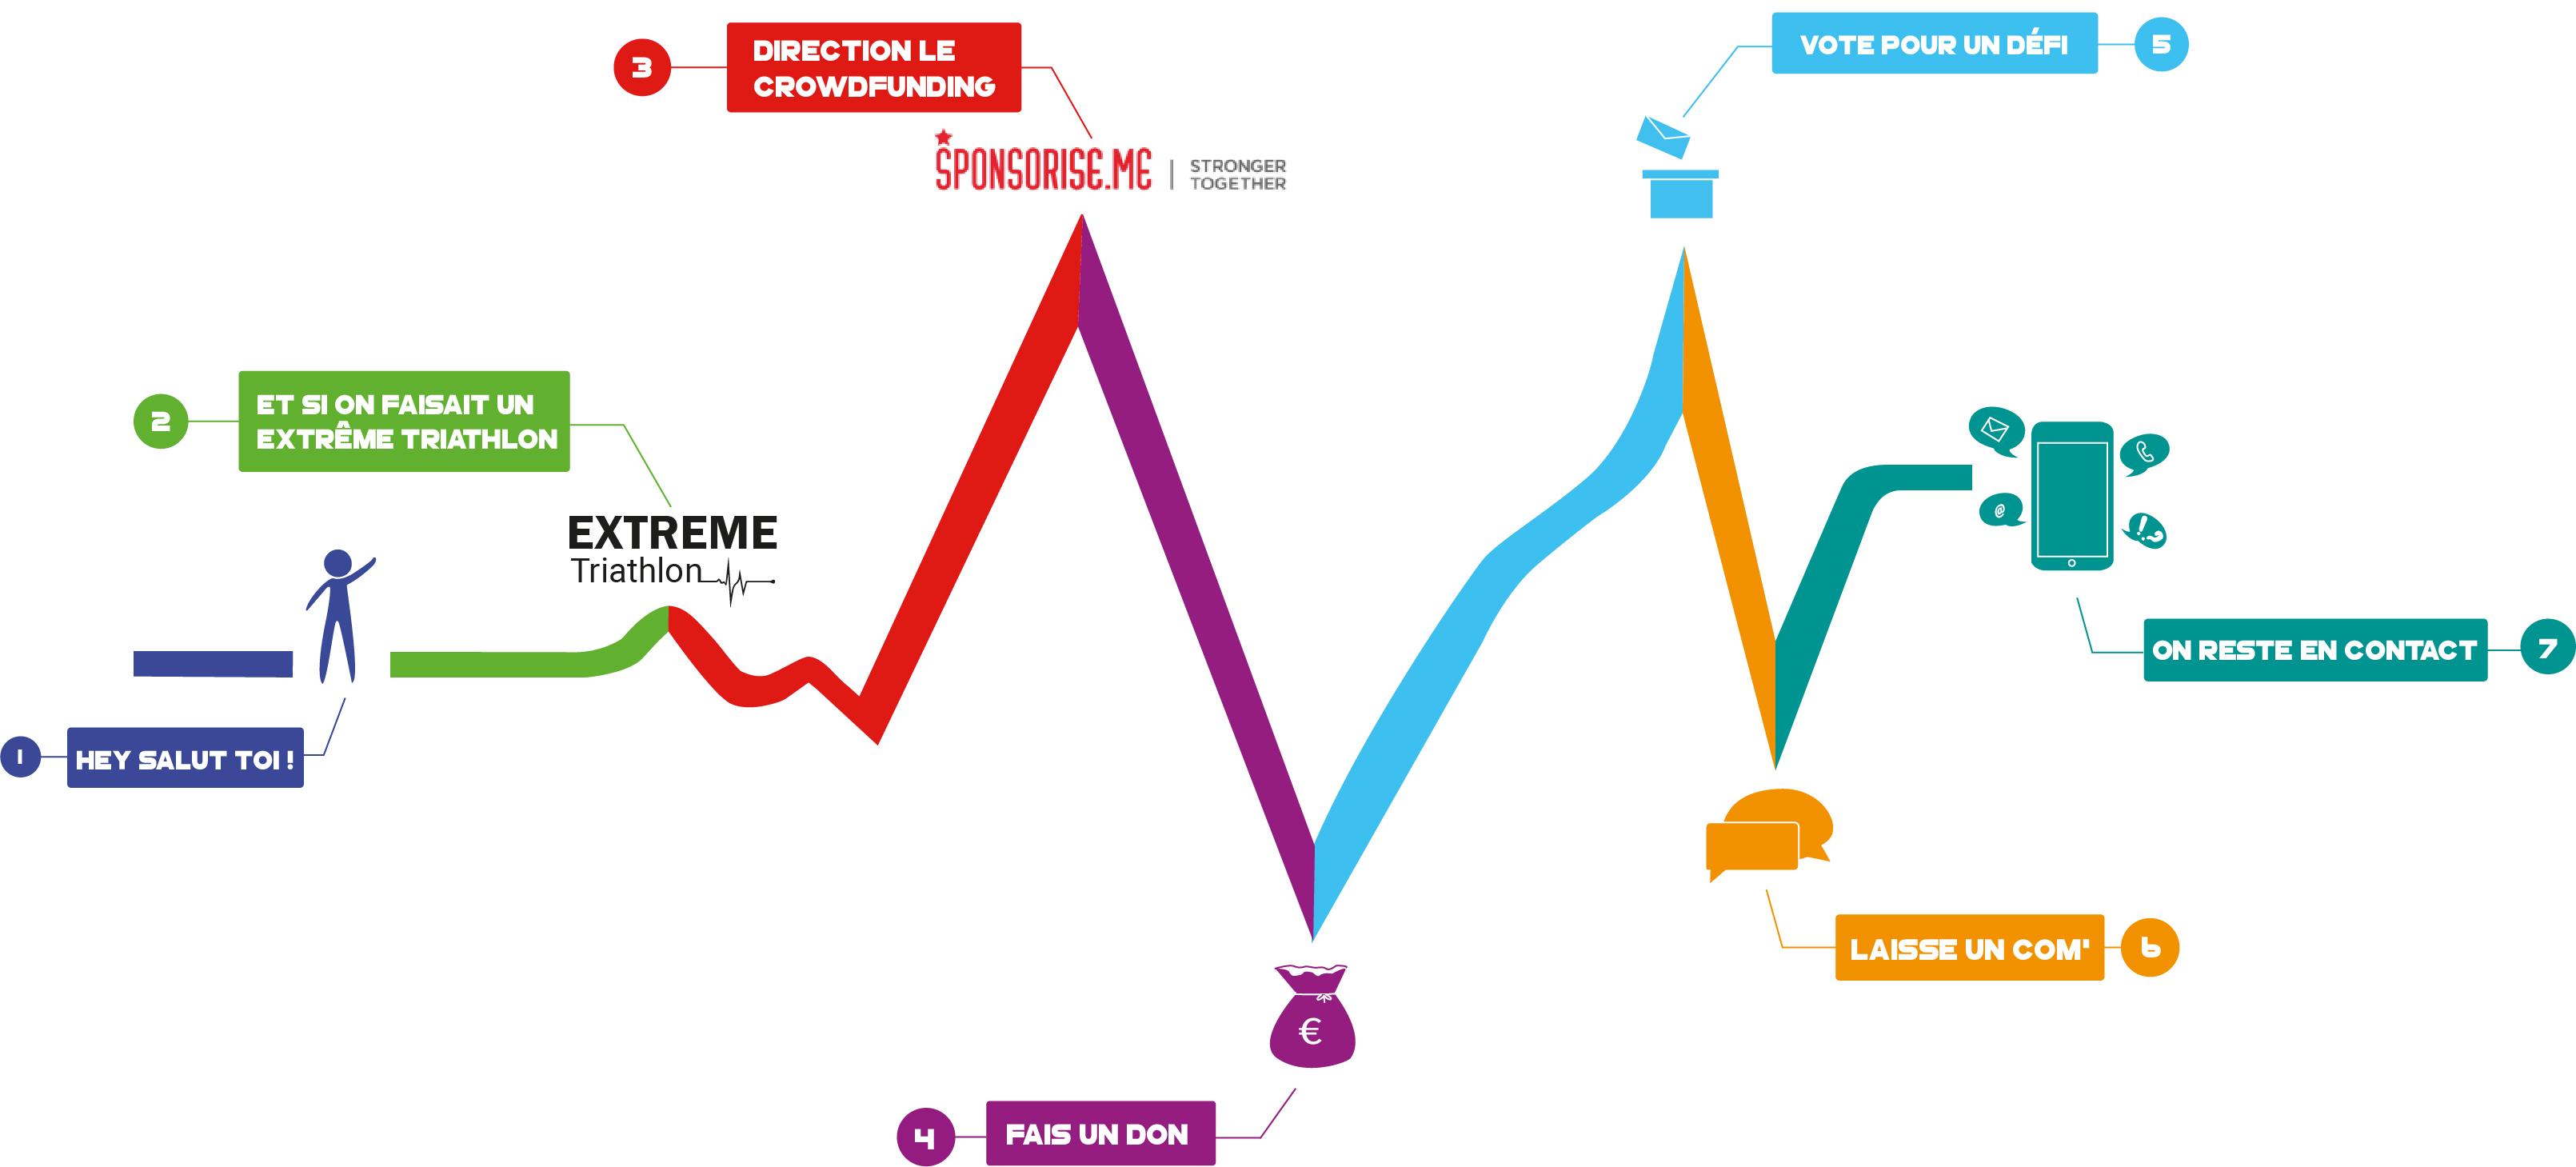 Infographie pour soutenir l'Extreme Triathlon de Marc Ternier